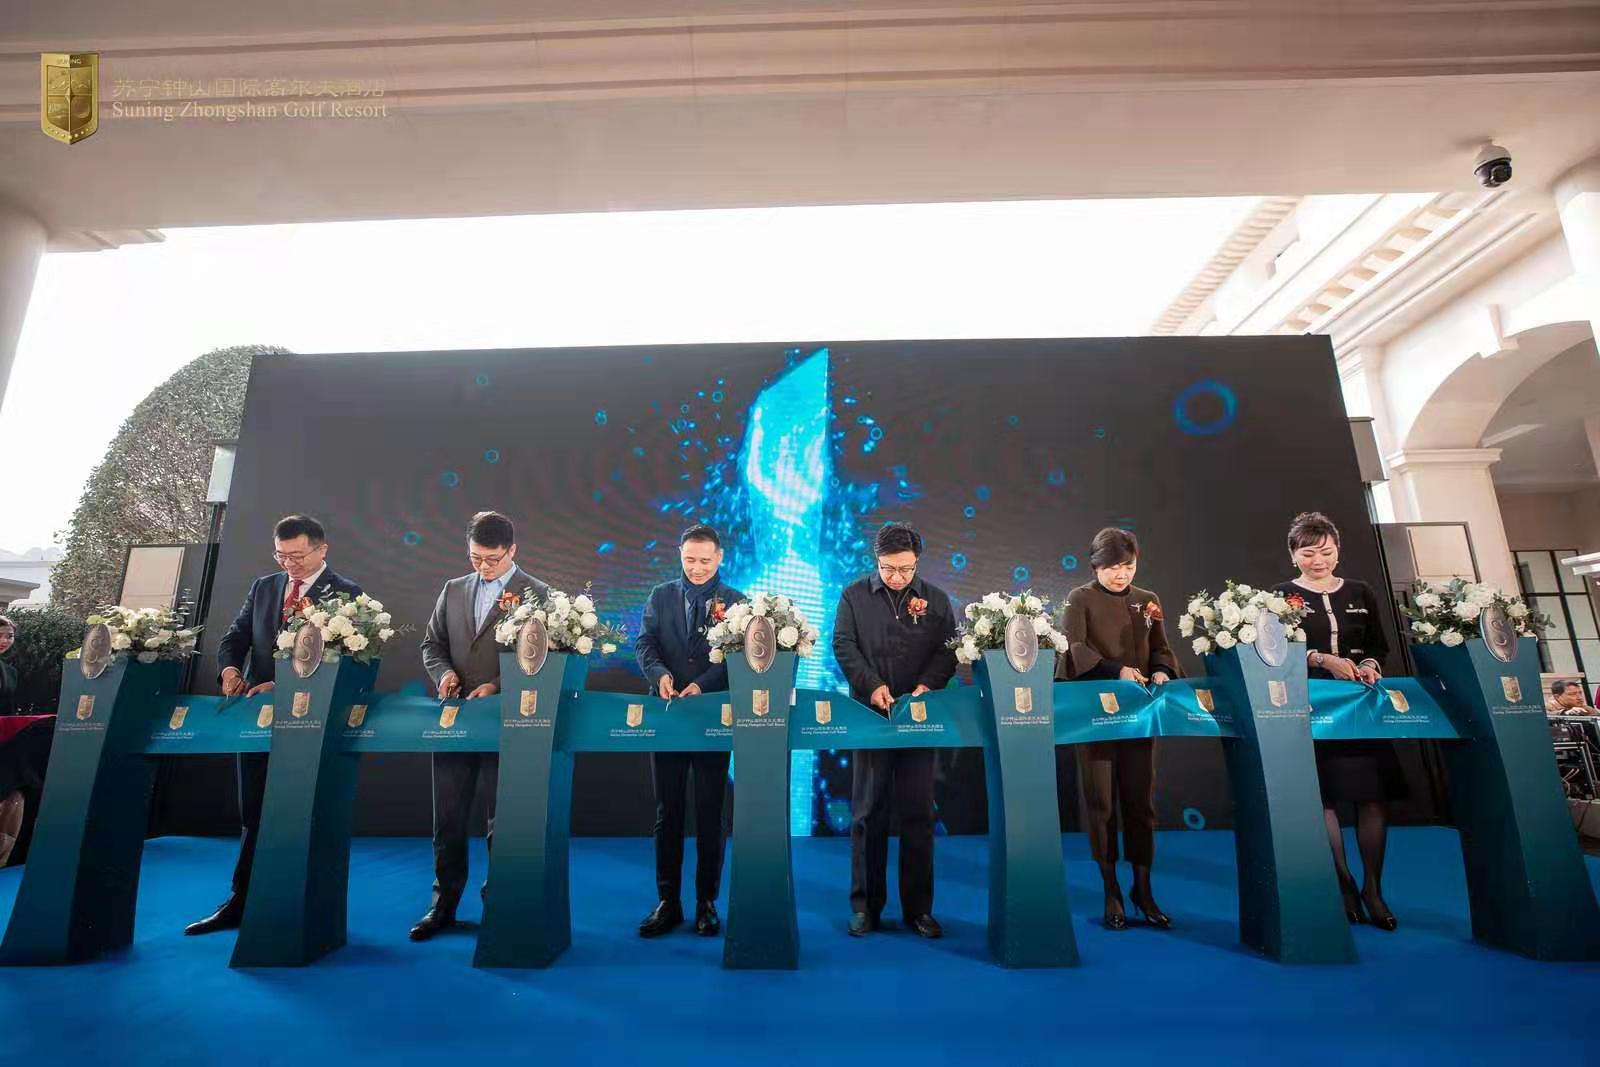 苏宁钟山国际高尔夫酒店盛大启幕